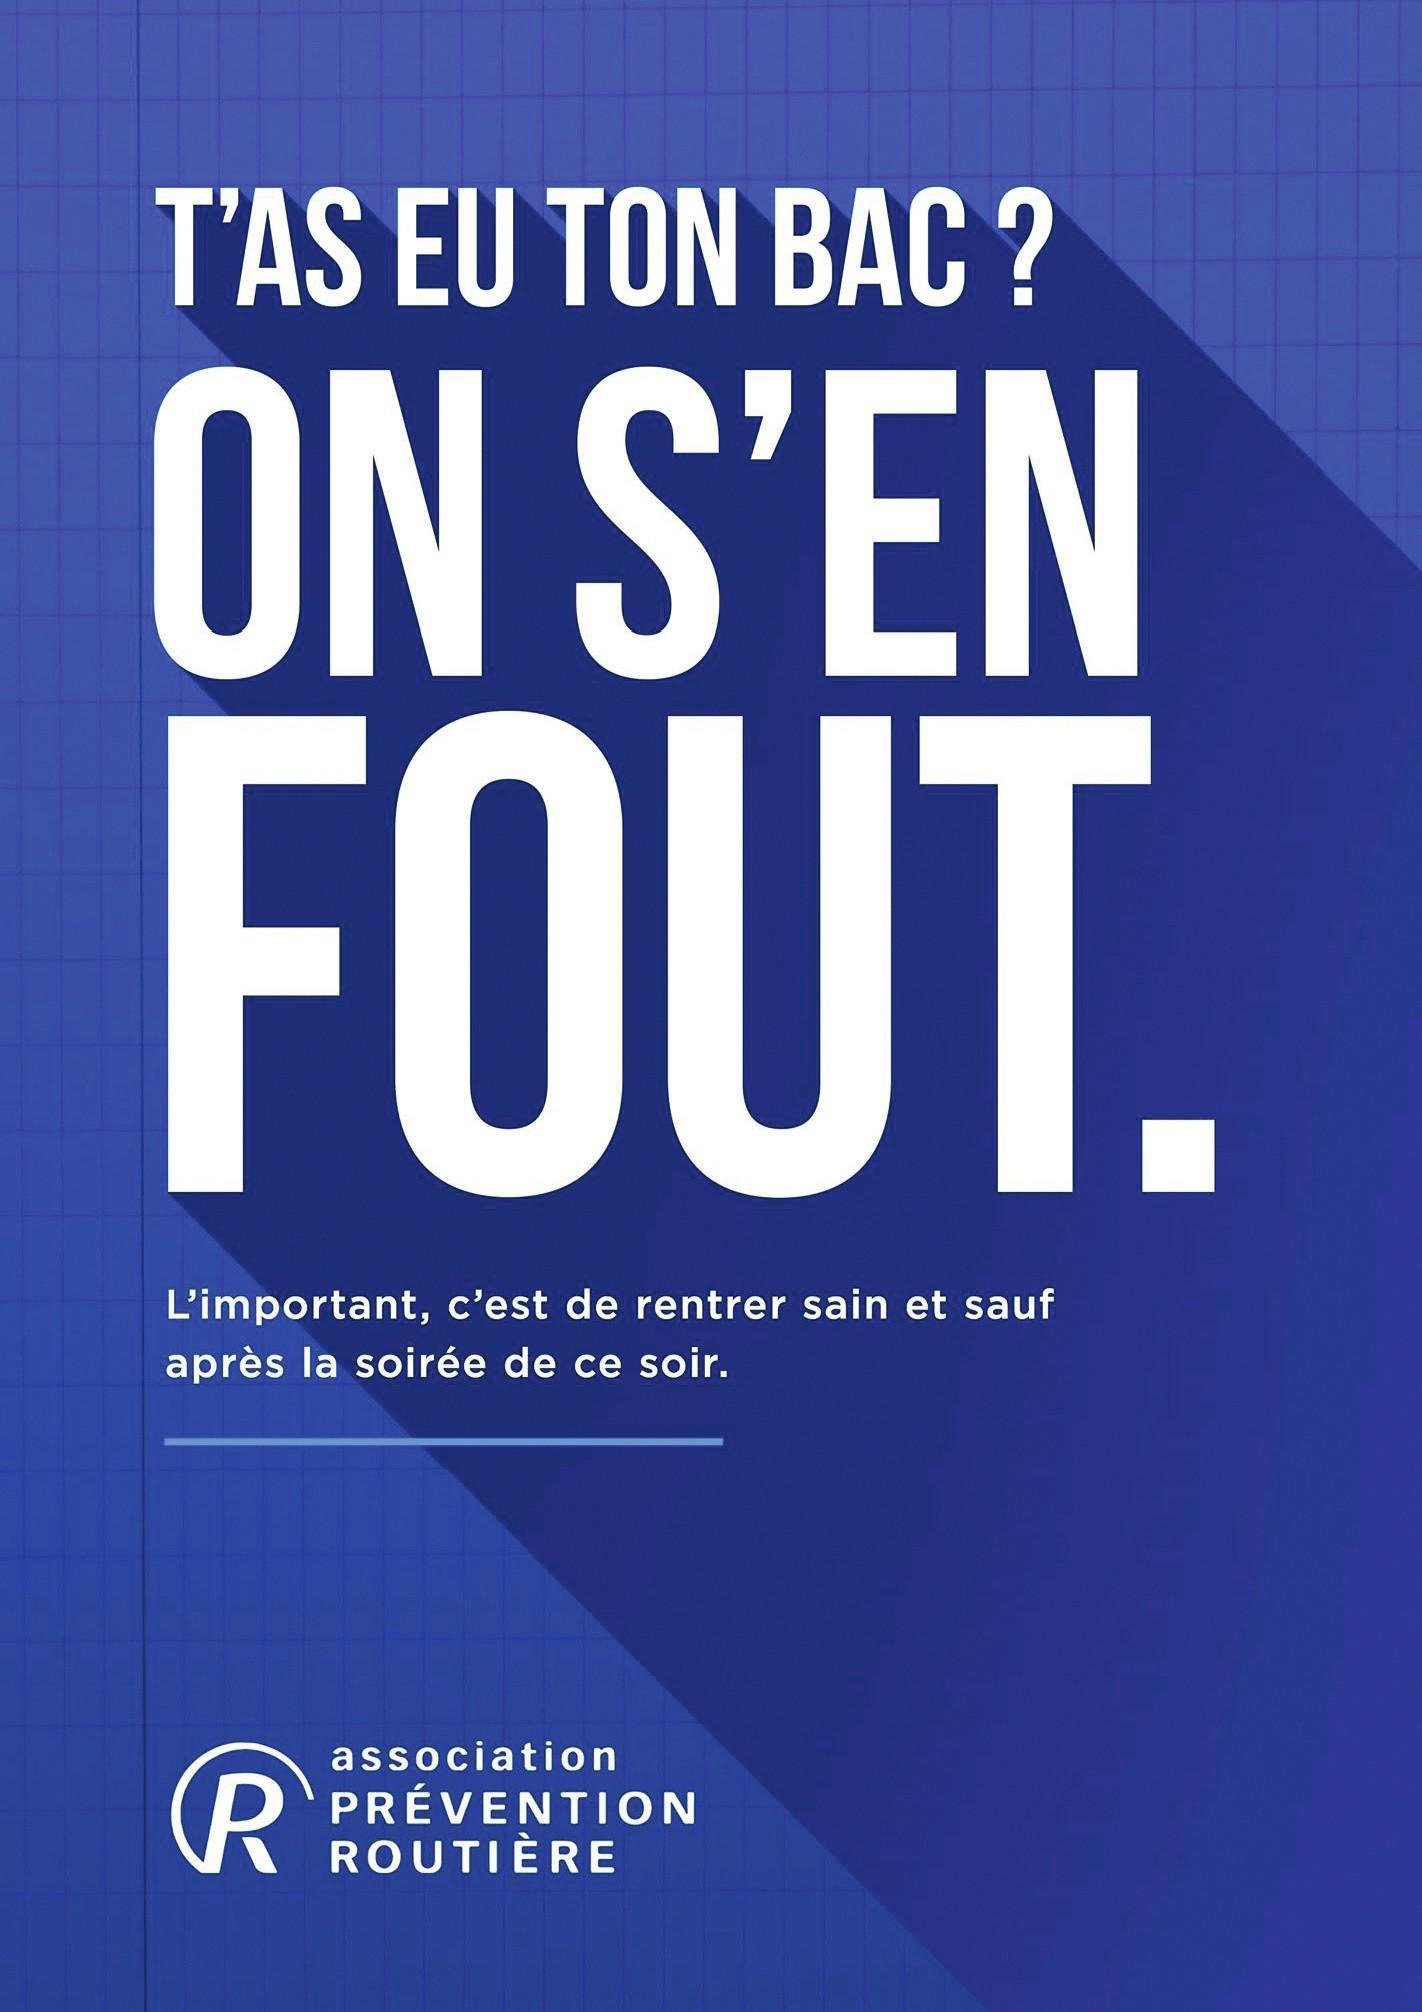 Affiche de l'Association de prévention routière.